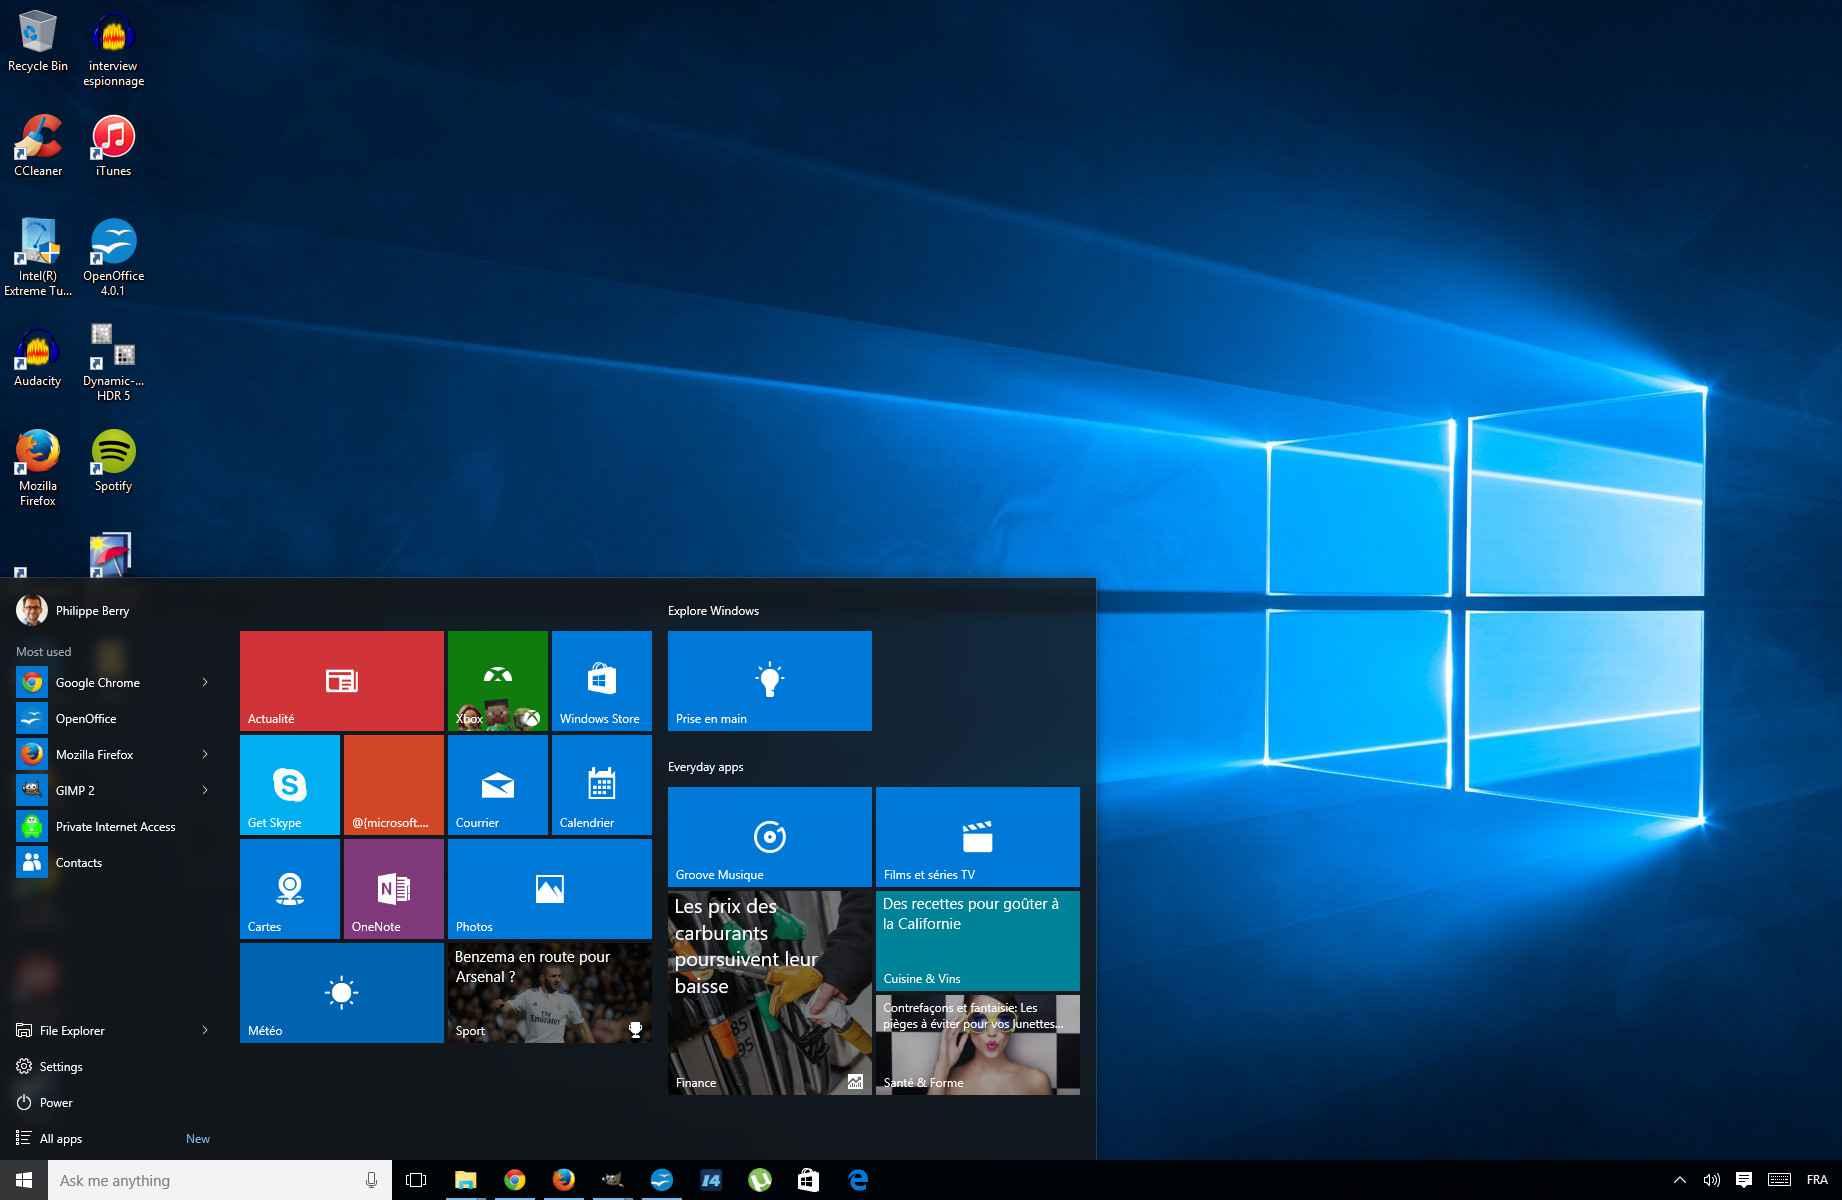 Ce qu'il faut savoir : Windows 10 le lancement officiel avec tous ses versions